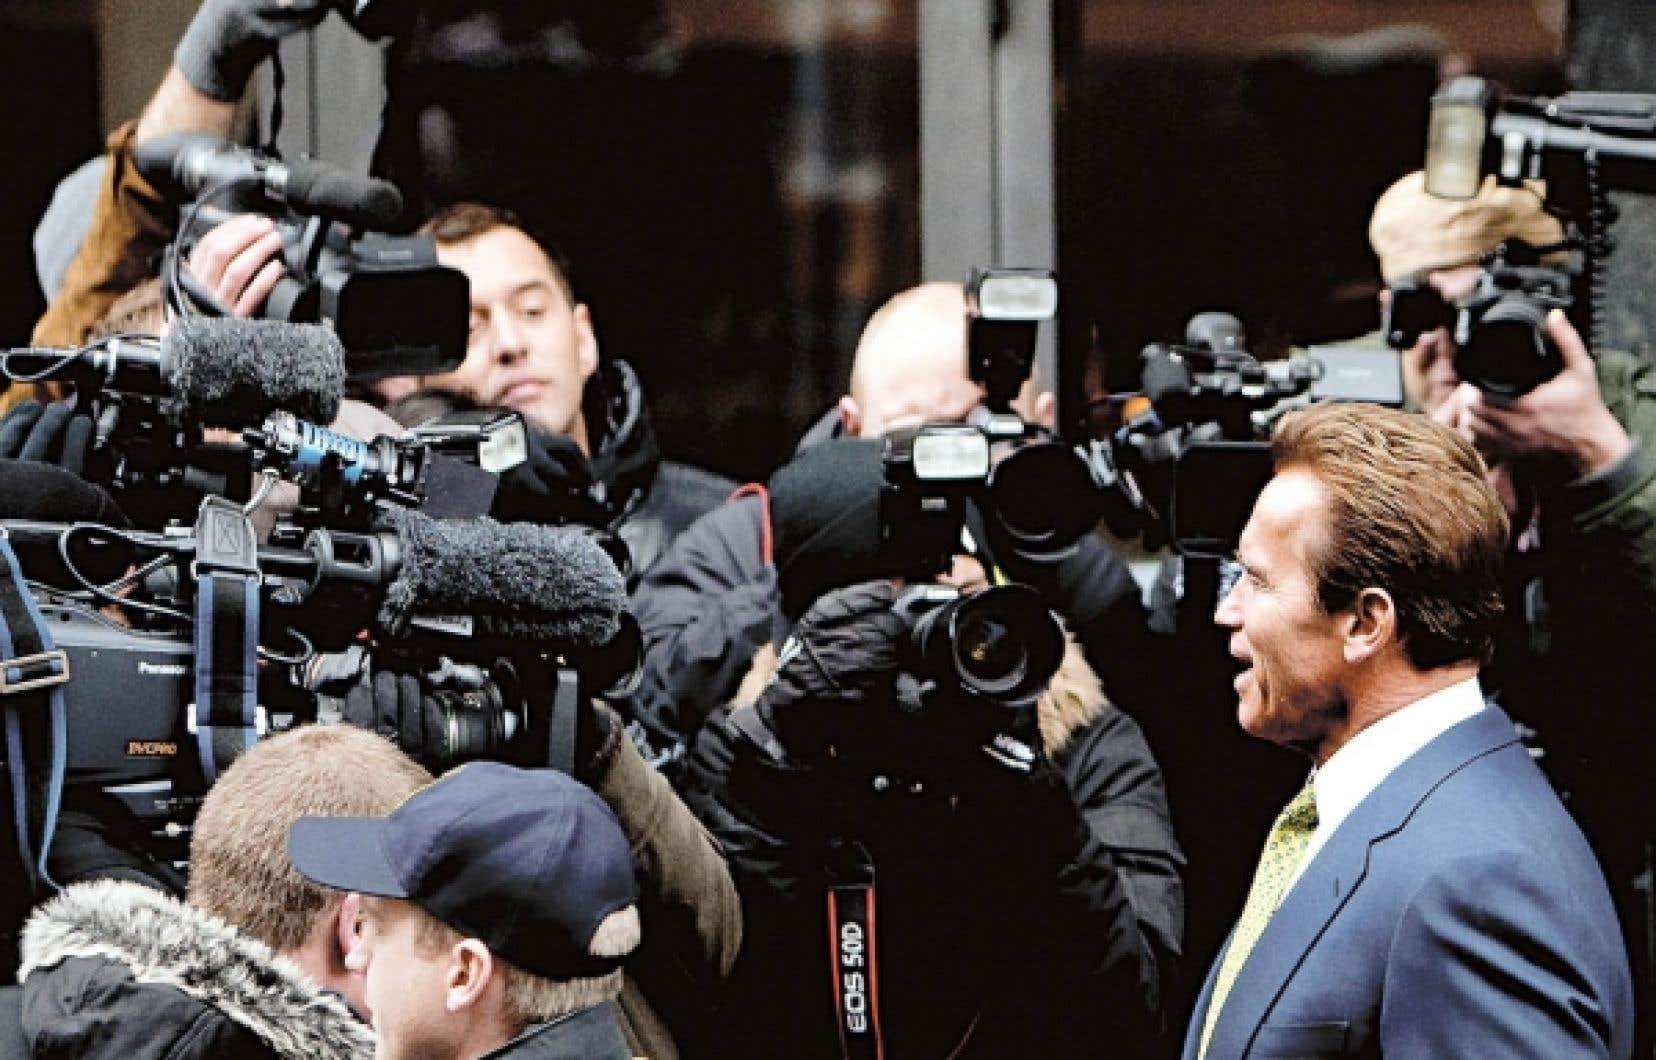 Le gouverneur de la Californie, Arnold Schwarzenegger, s'est adressé aux journalistes en quittant son hôtel pour se rendre au centre Bella.